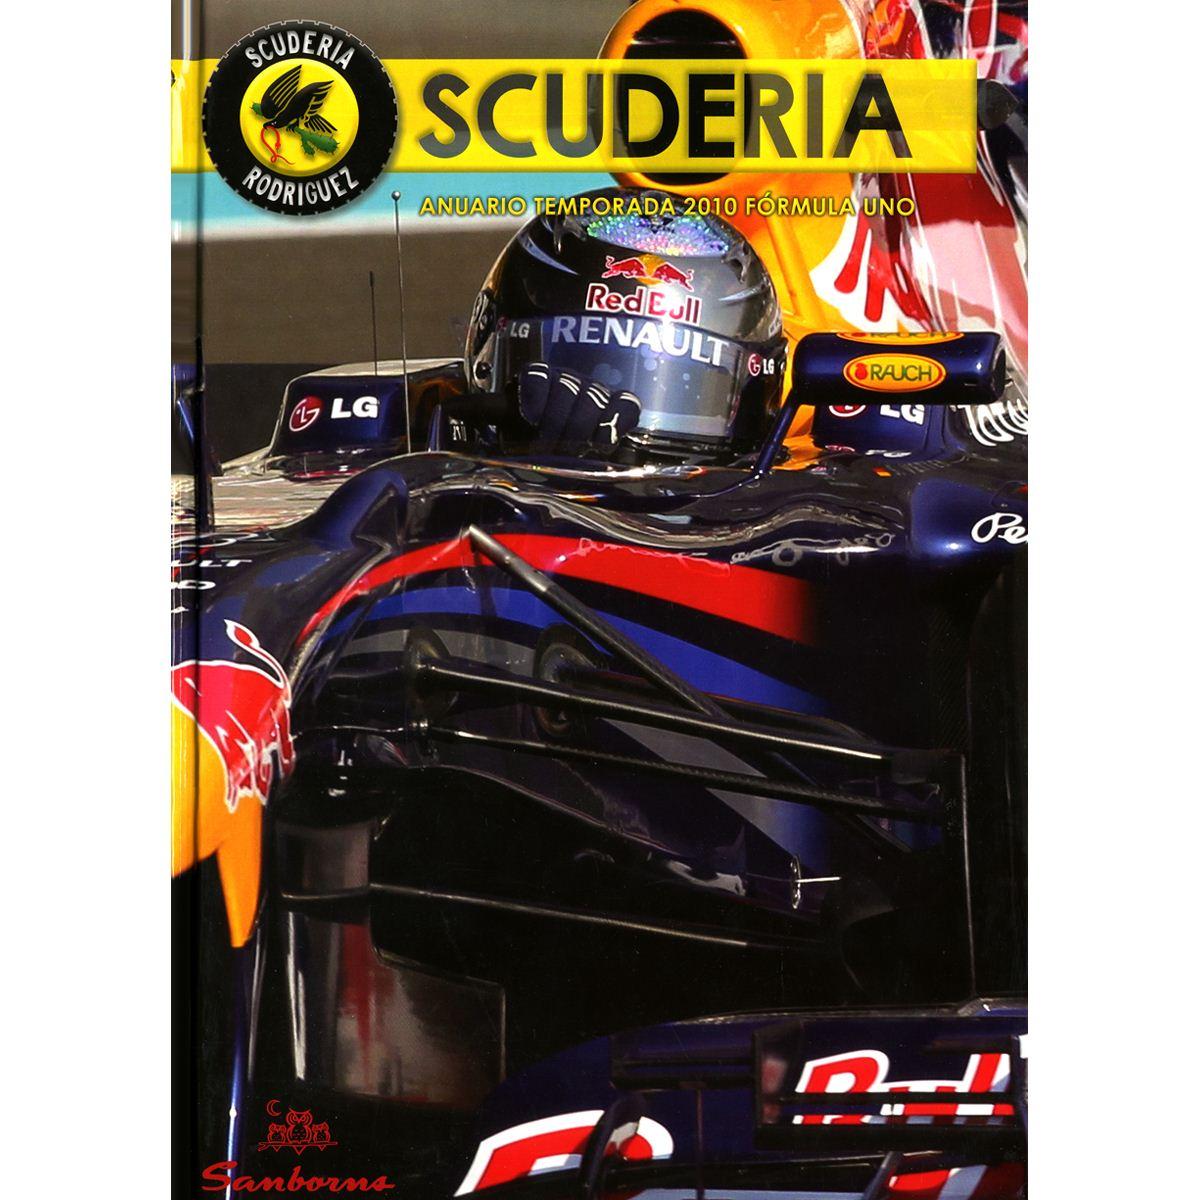 Scuderia Anuario Temporada 2010 - Carlos Eduardo Jalife